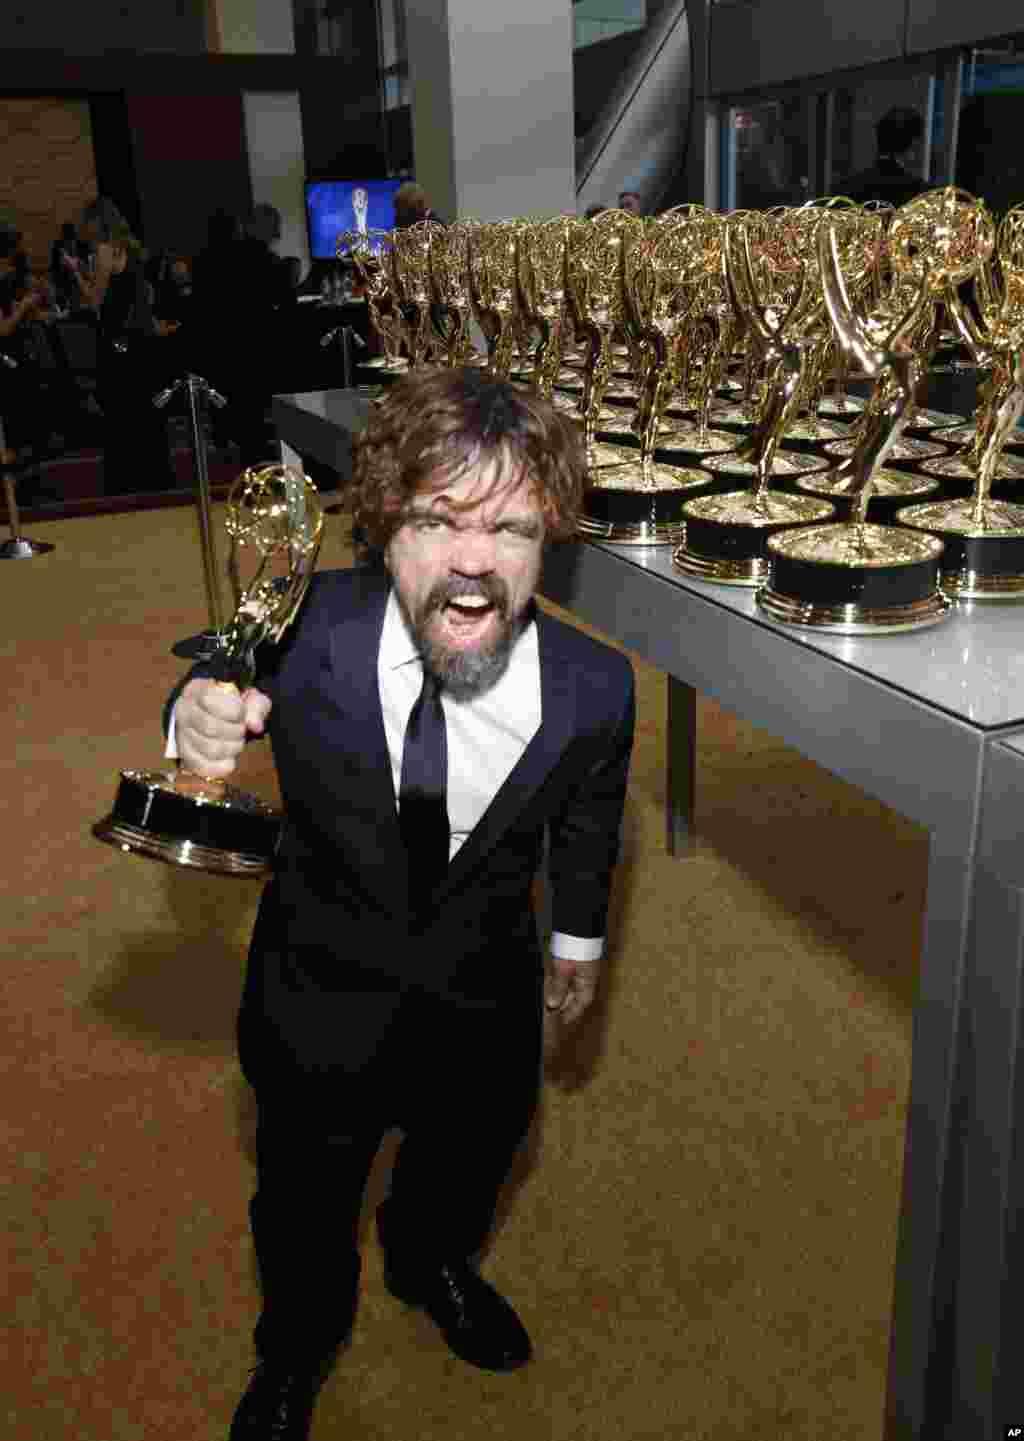 «پیتر دینکلیج» برنده جایزه امی بهترین بازیگر مرد در رده درام برای بازی در سریال «بازی تاج و تخت». او به کنایه گفت اگر این سریال نبود، جرات آمدن به خیابان را نداشت.